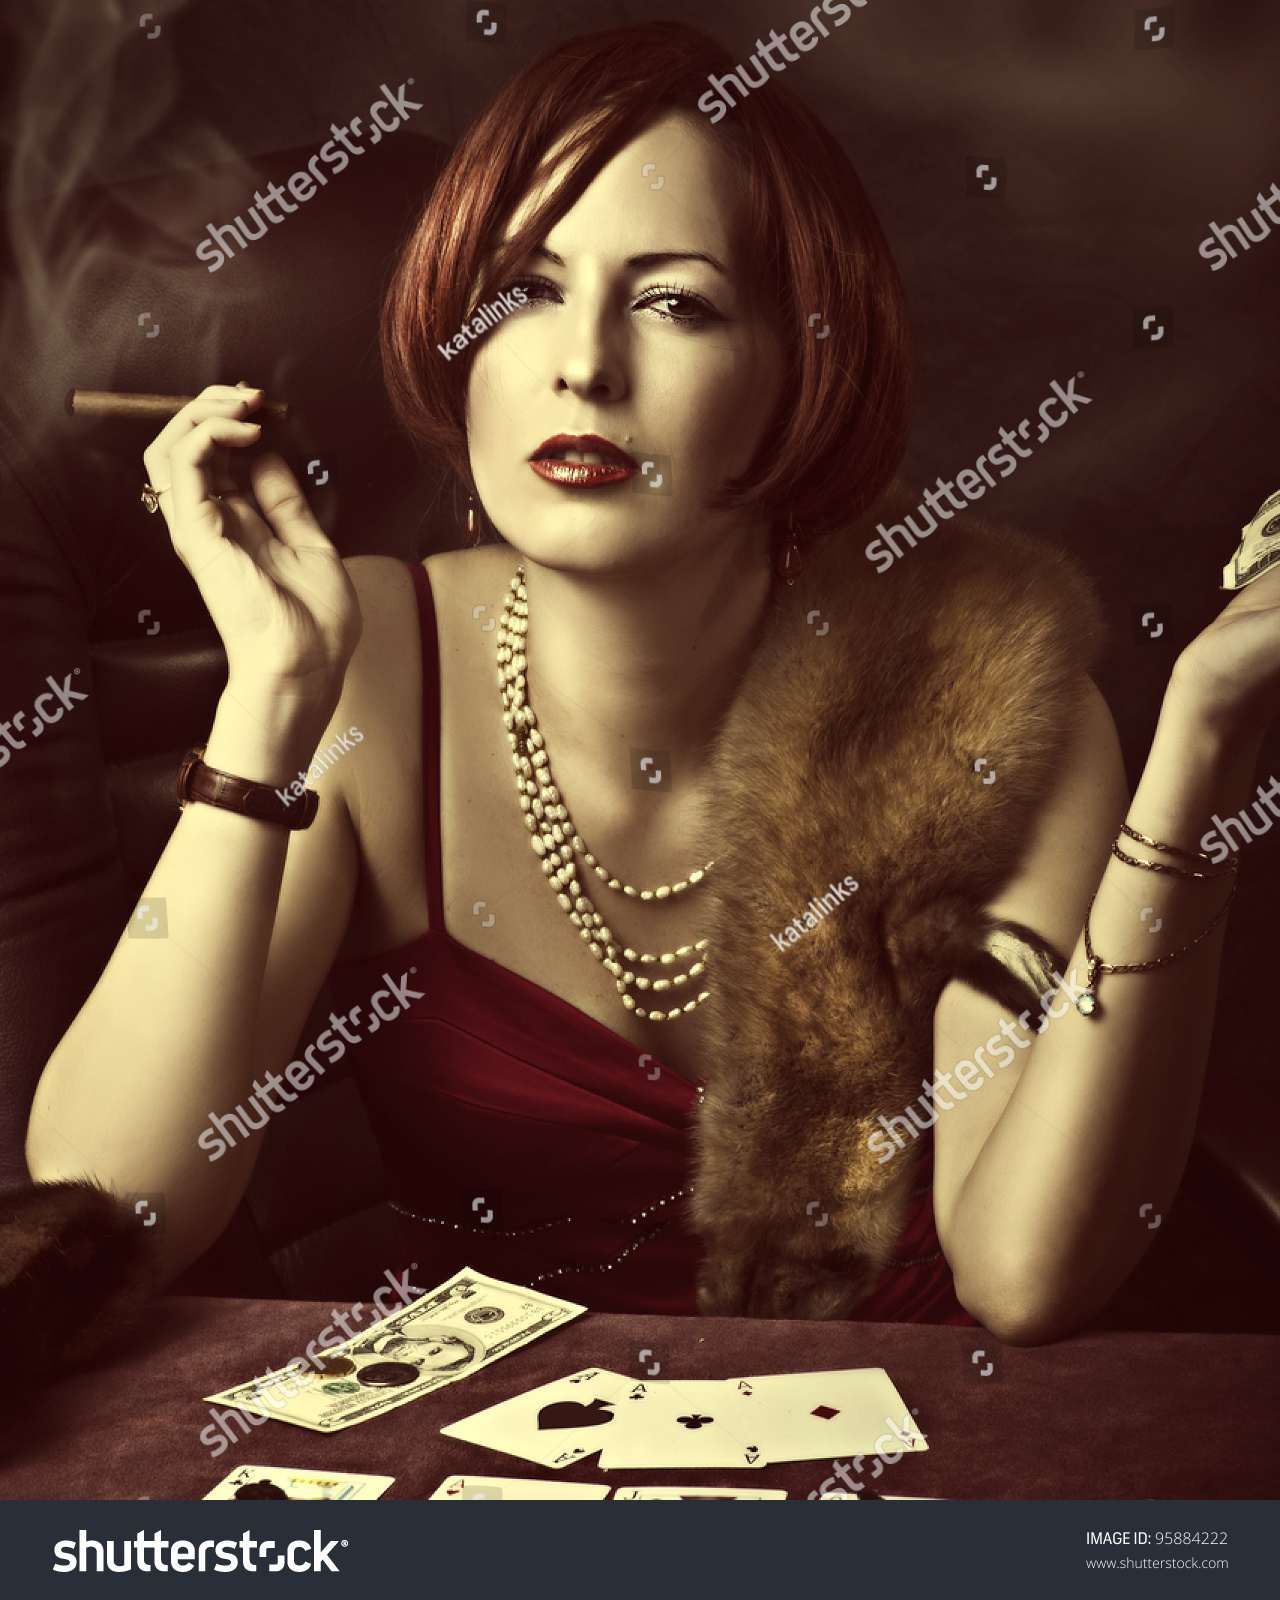 clit burn poker genitals